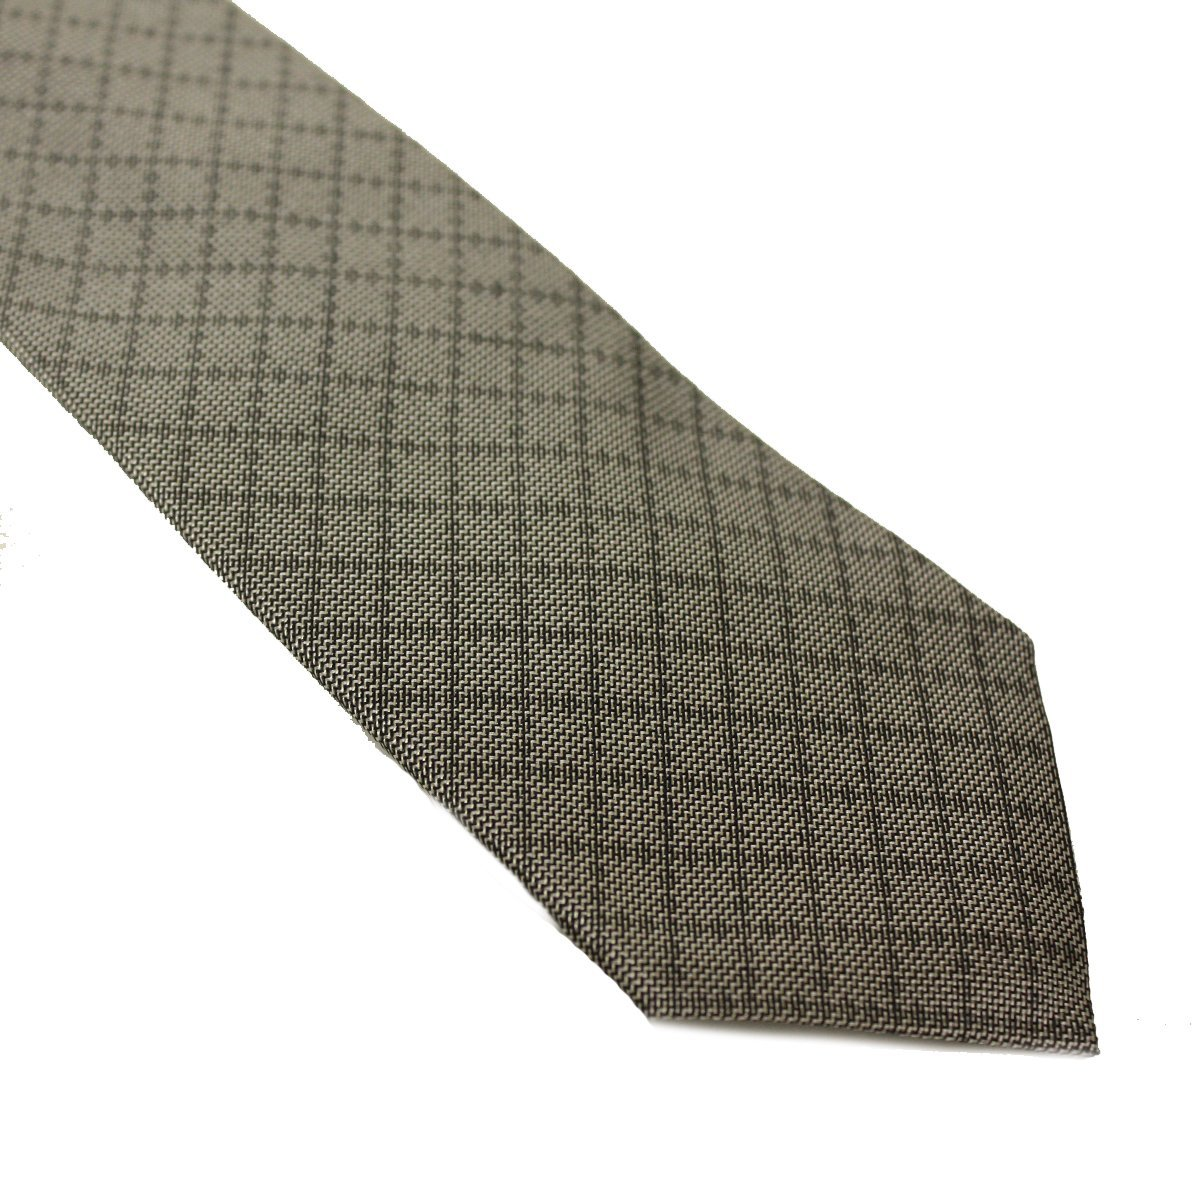 Gucci Gray Diamante Men's Woven Silk Tie 345265 4E002 by Gucci